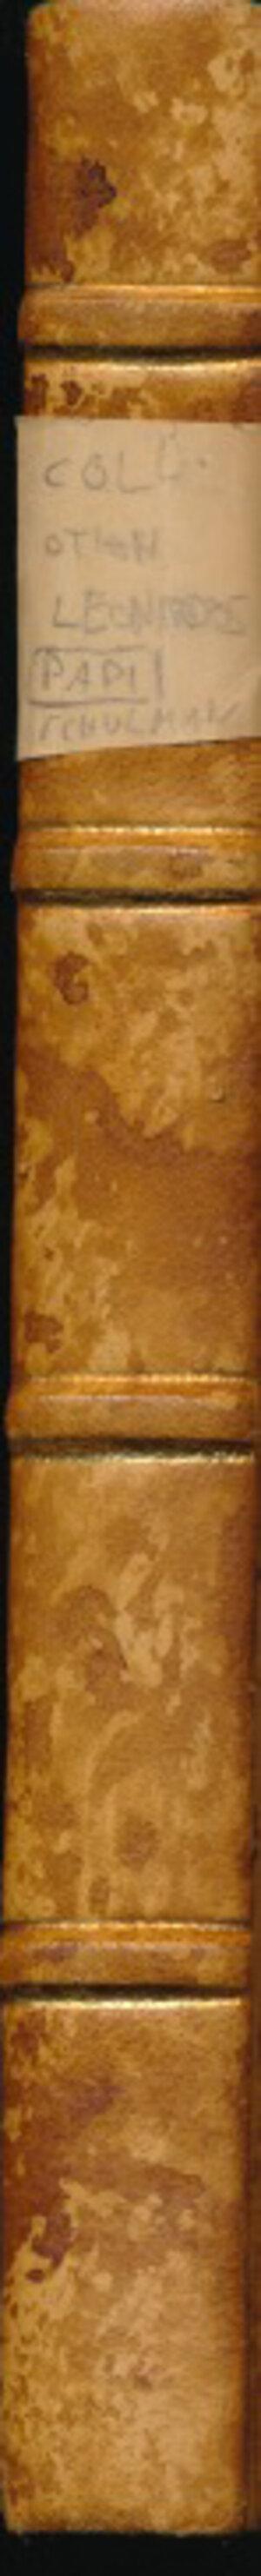 obverse: SCHULMAN J. - Aste 1927 - 1929 Amsterdam. Collezione M. Othon Leonardos di Rio de Janeiro. Parte 1: monete greche, romane, bizantine, vandaliche, ostrogote, papali e italiane. Parte 2: Monete e medaglie dell Europa, dell Asia, dell Africa e dell America, medaglie varie. Pp. 199 + 103 + Tavole 24+6 in b/n. Rilegatura rigida con dorso, angoli e piatto marmorei. Buono stato.